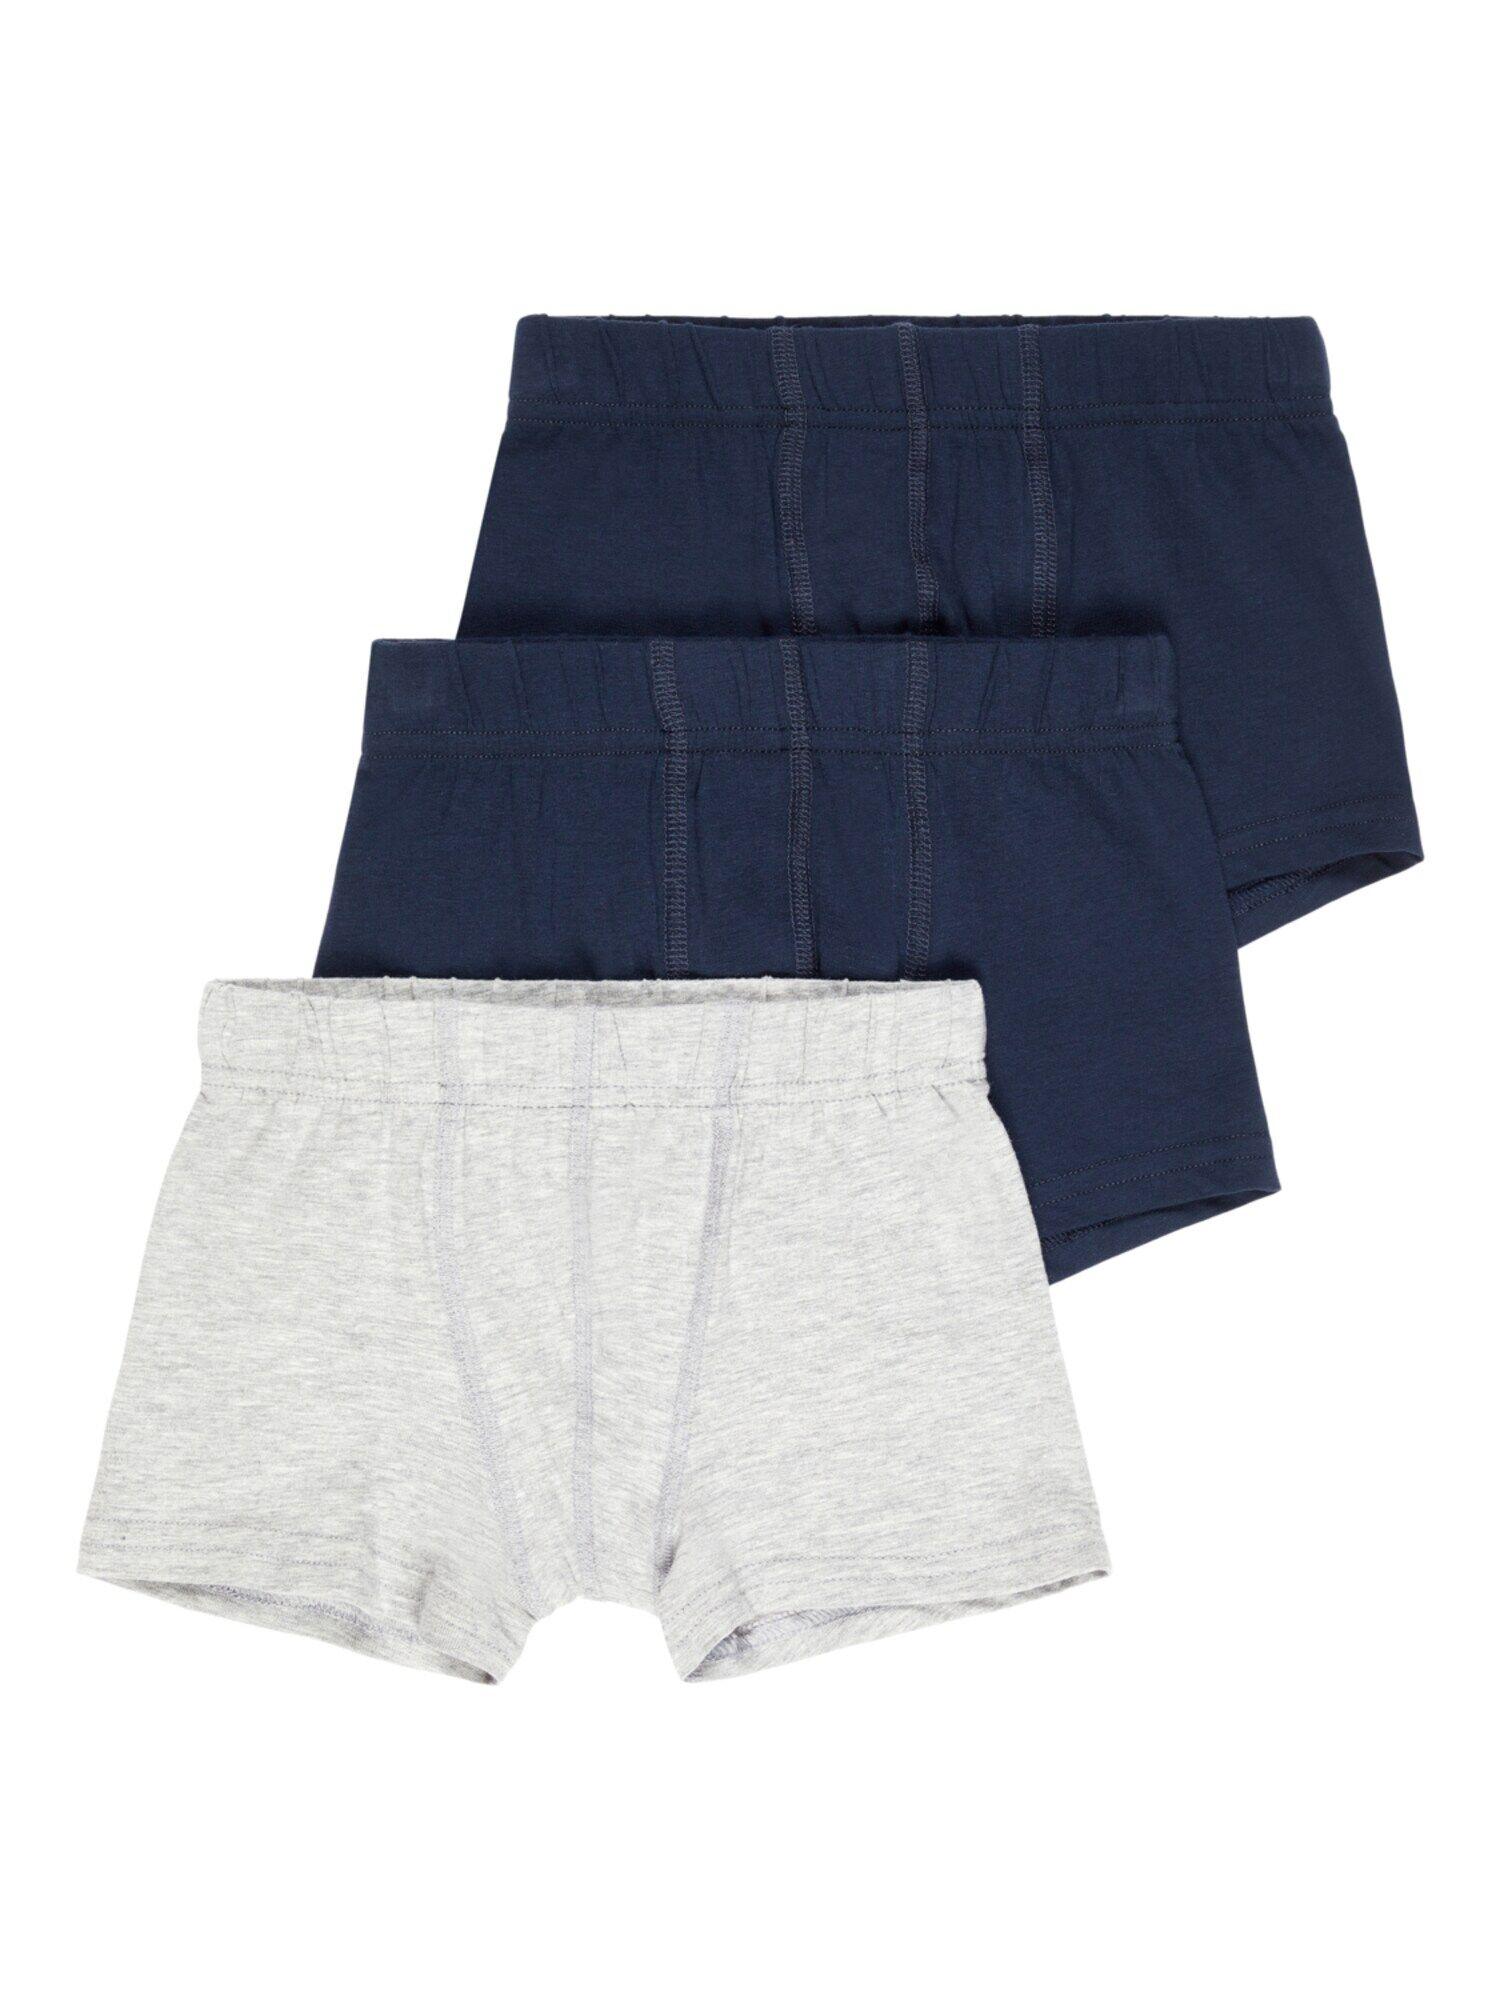 NAME IT Sous-vêtements  - Gris, Bleu - Taille: 92 - boy